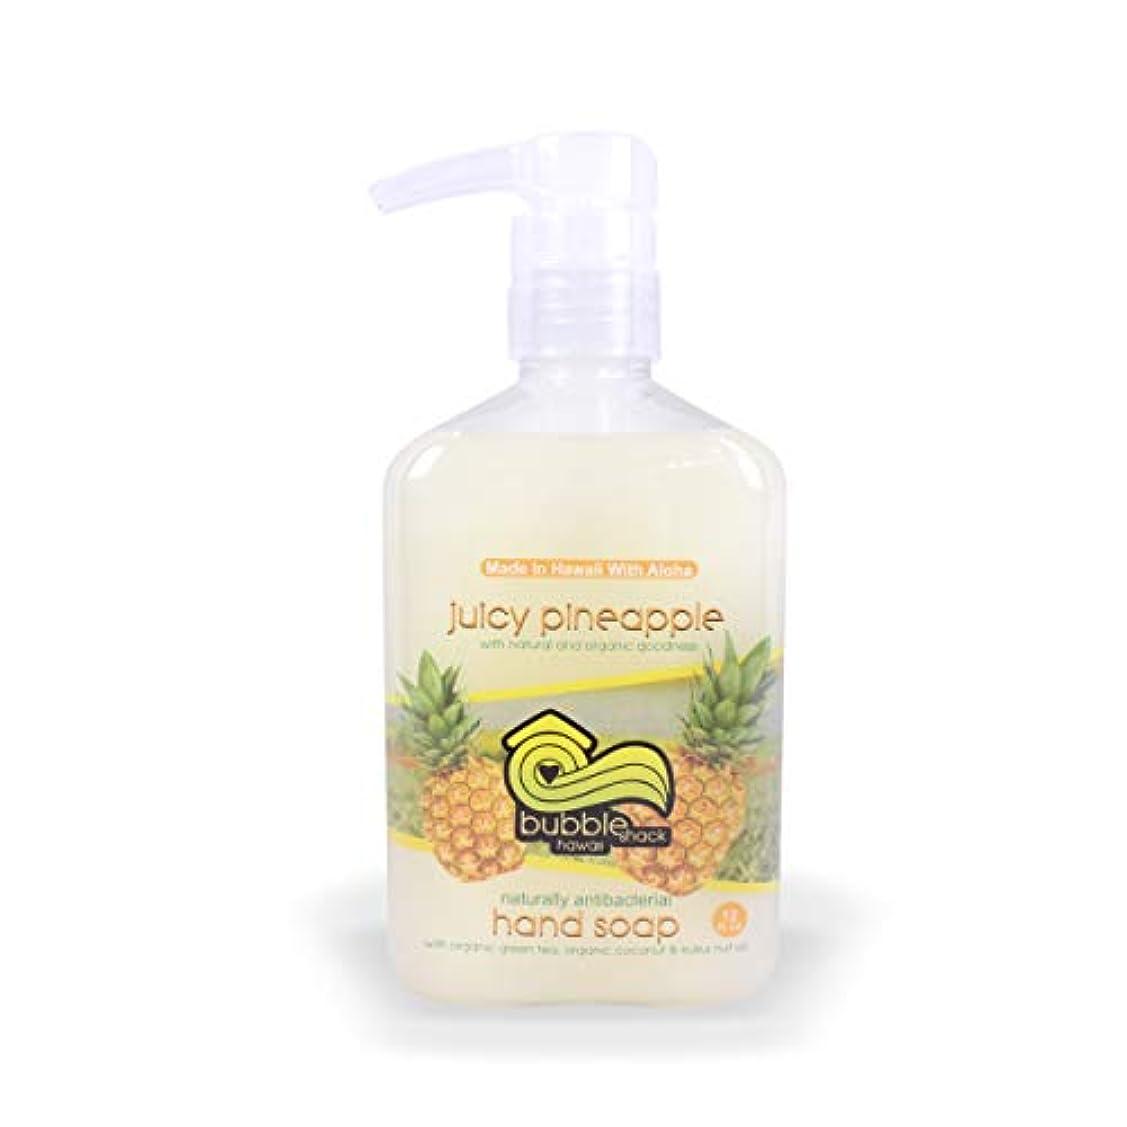 シーンなぜならブル【正規輸入品】 バブルシャック?ハワイ Bubble shack Hand Soap ハンドソープ juicy pineapple ジューシーパイナップル 340ml